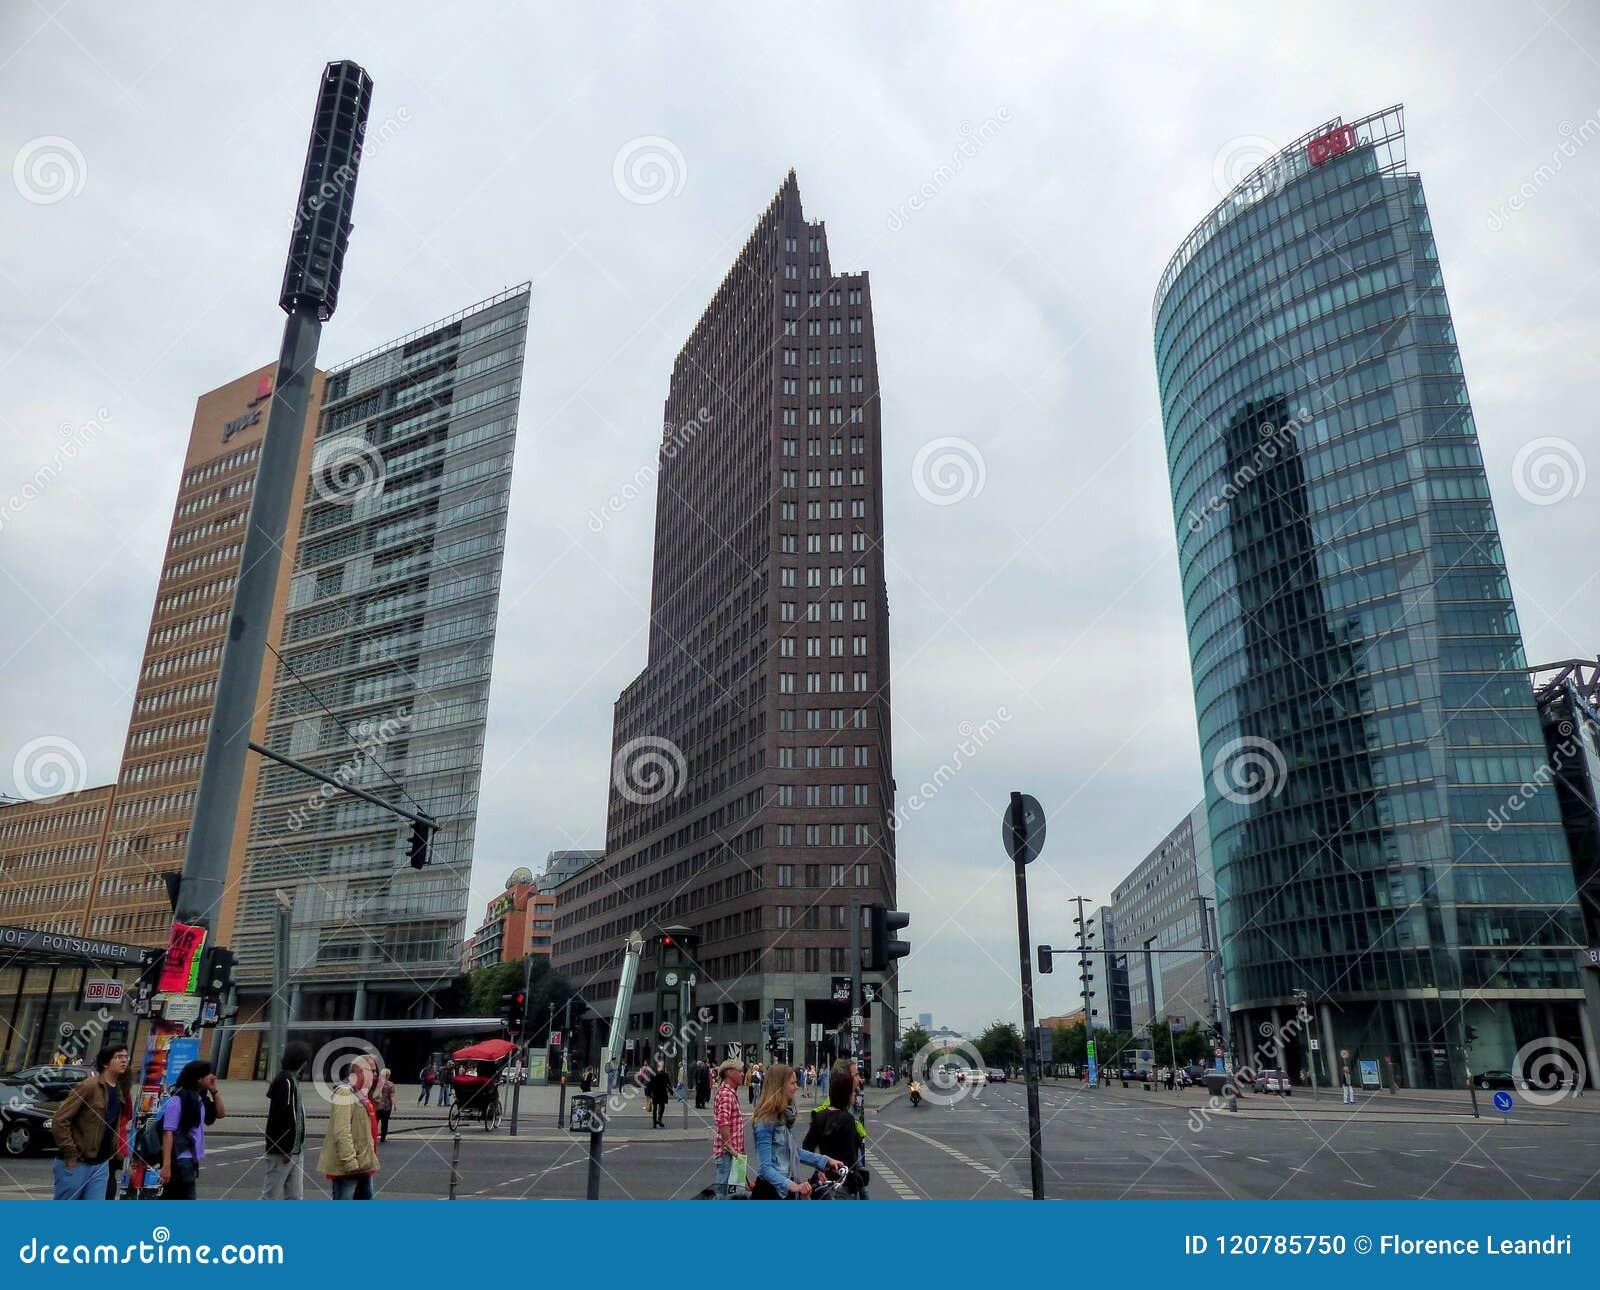 De drie hoge moderne beroemde gebouwentoren van Postdamer platz aan Berlijn, Duitsland